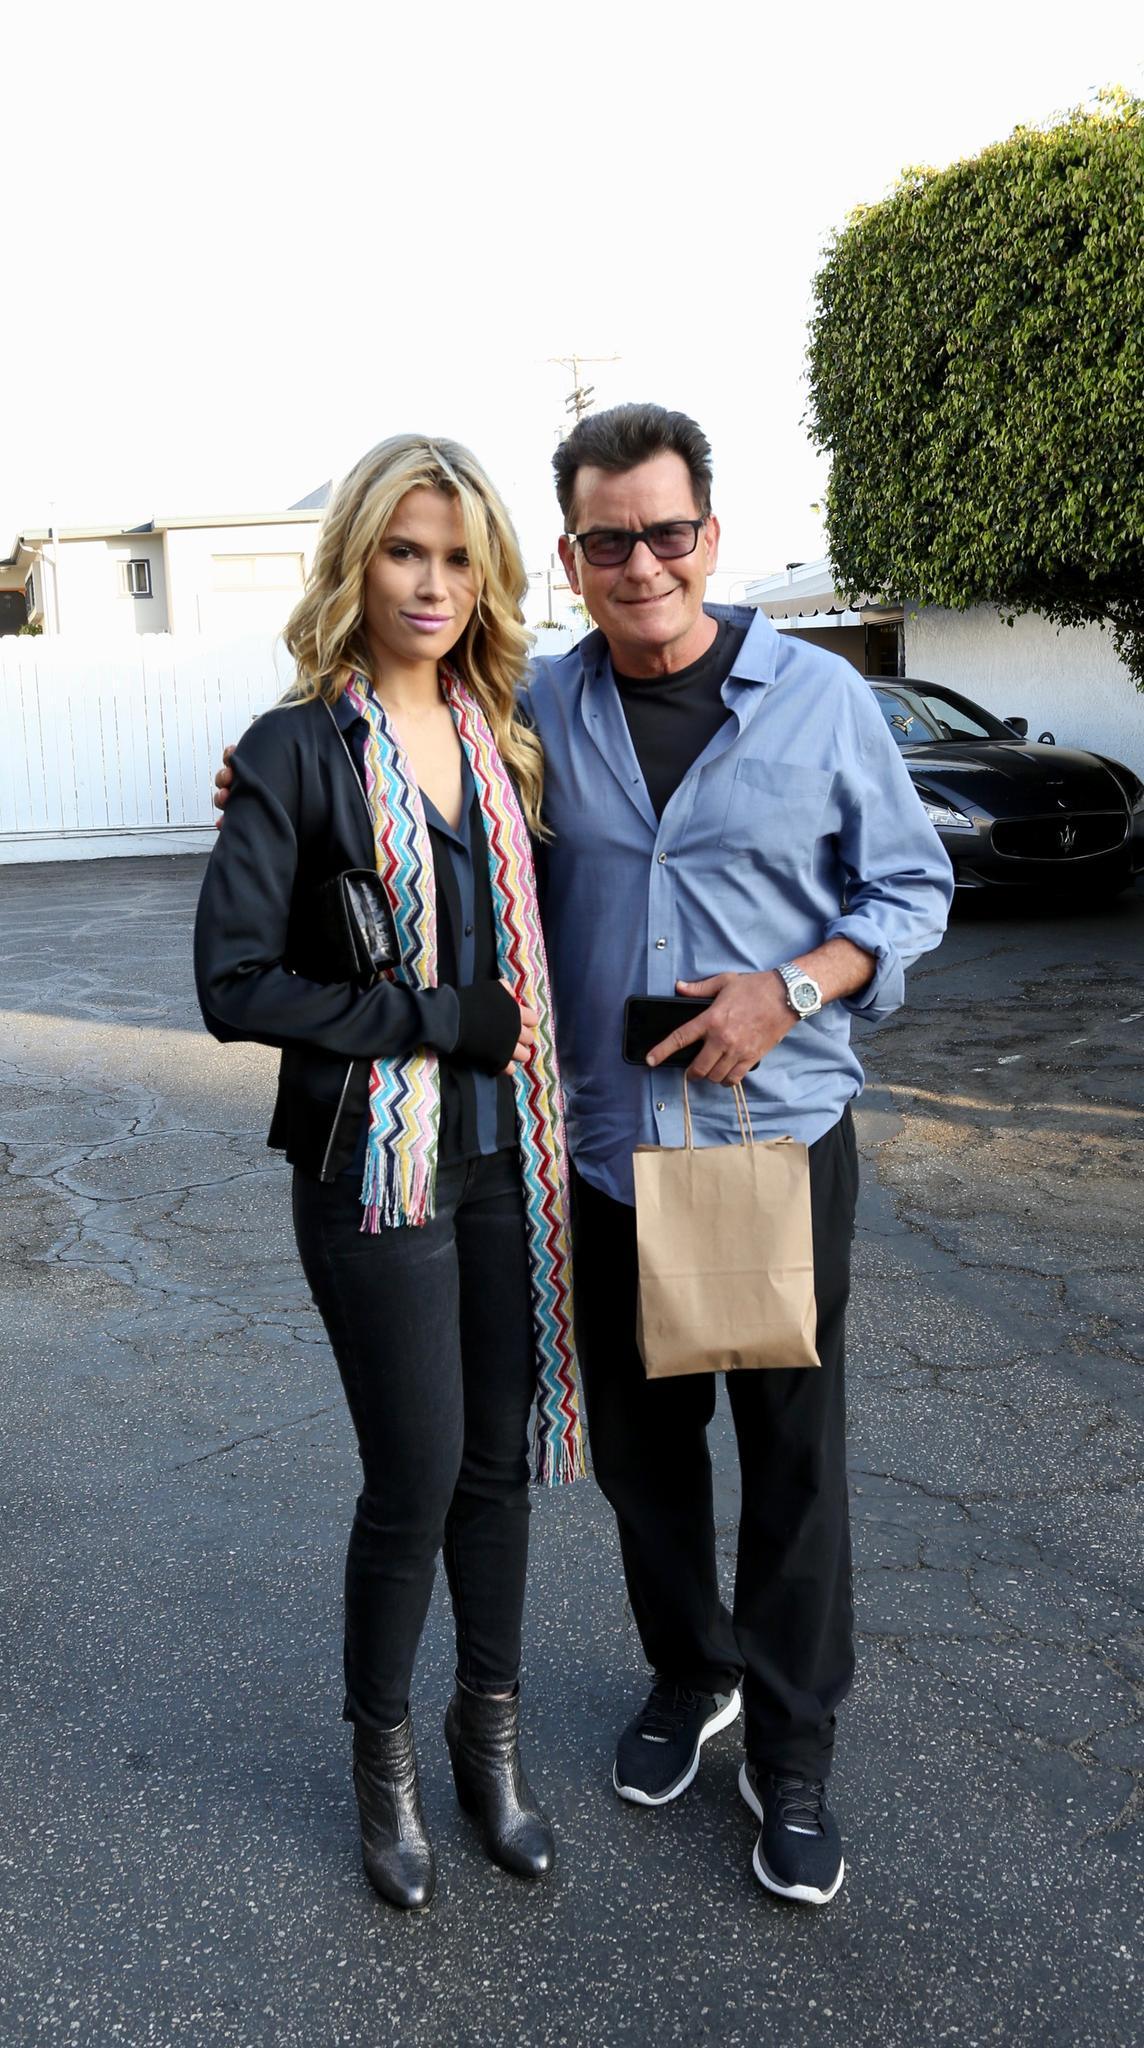 Charlie Sheen bringt seine neue Freundin Jools zum Geburtstag seiner Tochter.